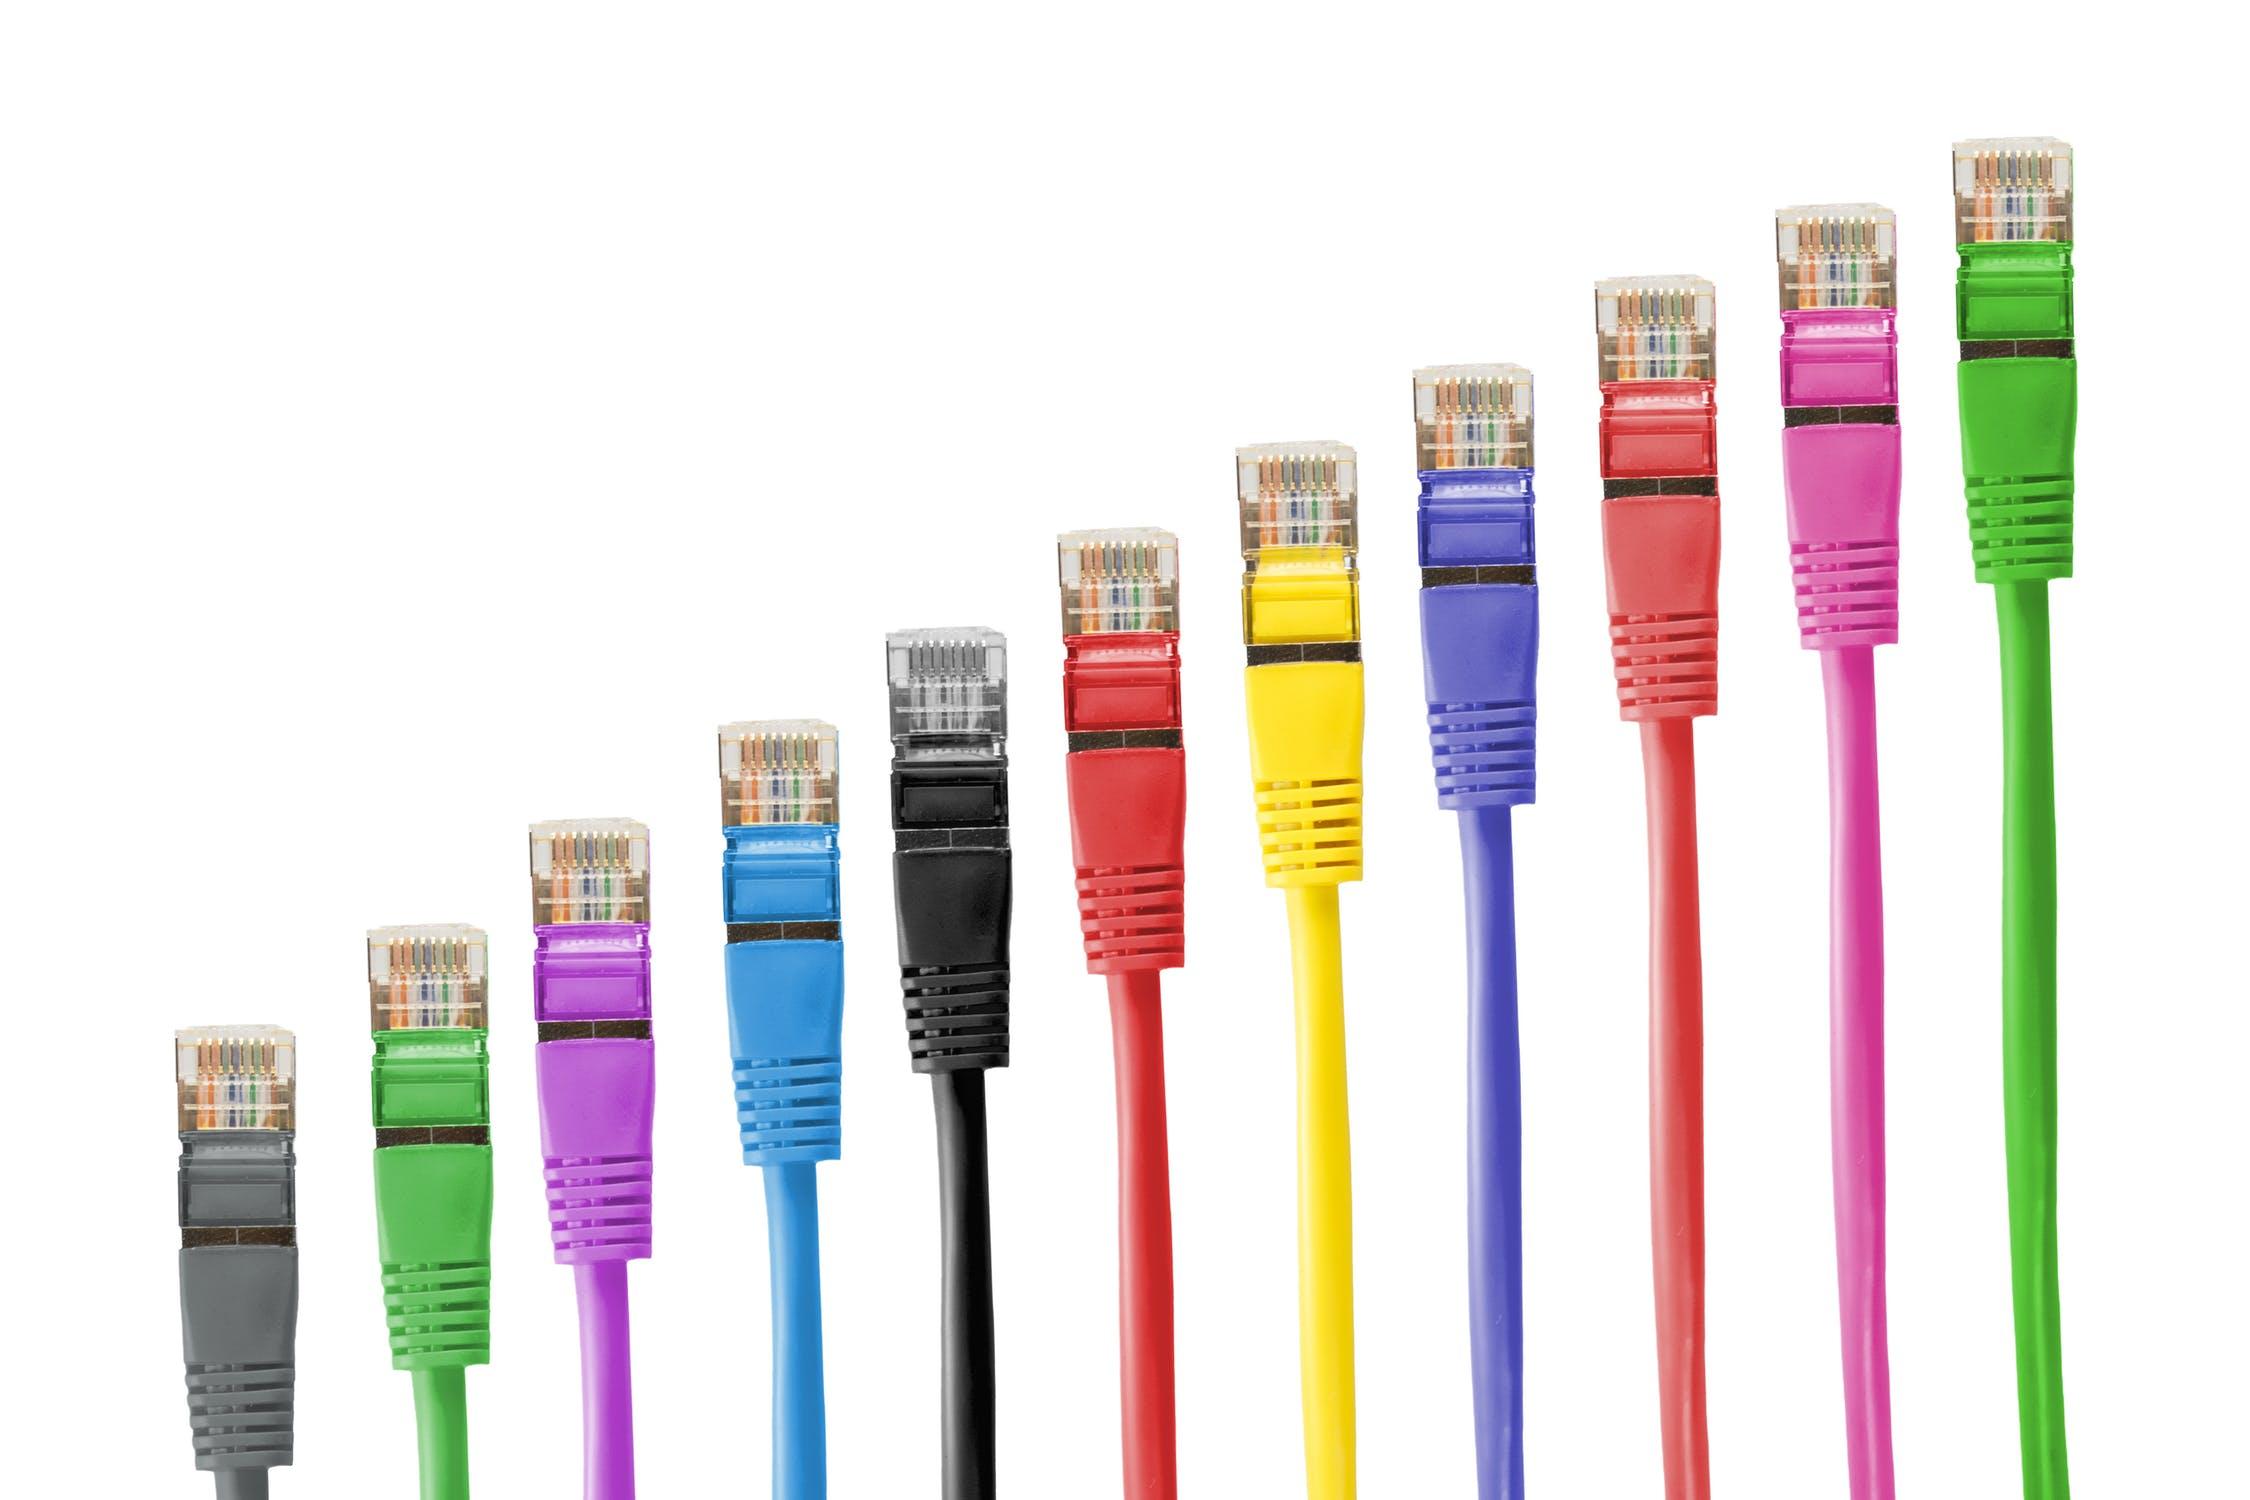 najszybszy internet w